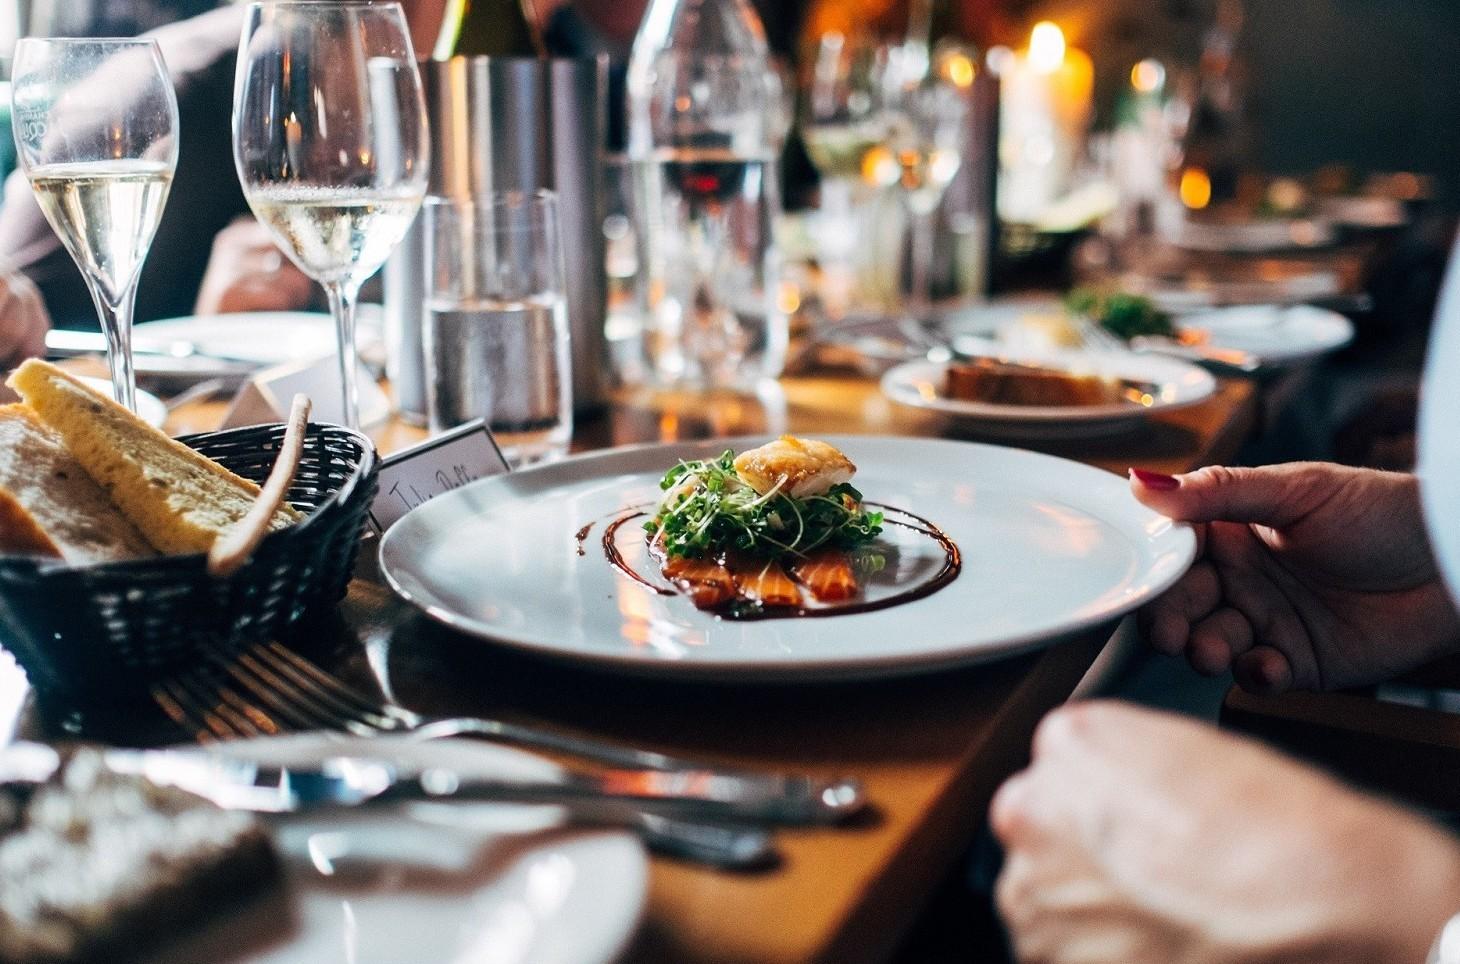 Non pagare il conto al ristorante, quando si può fare ed è legale